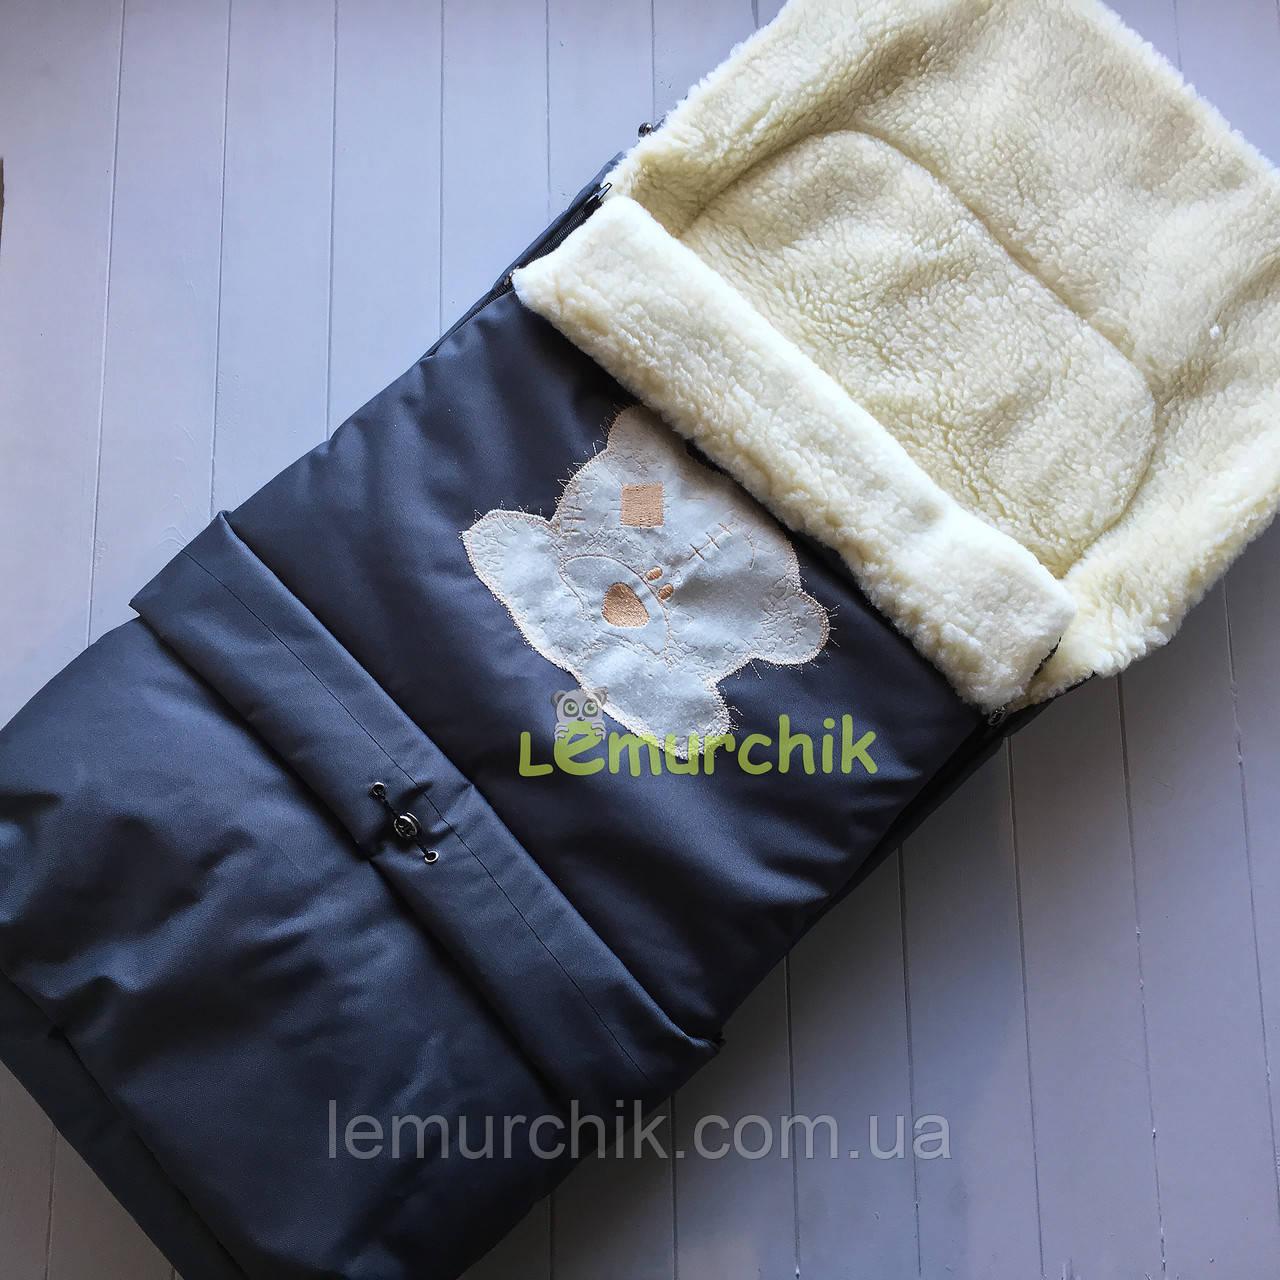 Чехол-конверт на санки и в коляску удлиненный с мишкой, синий